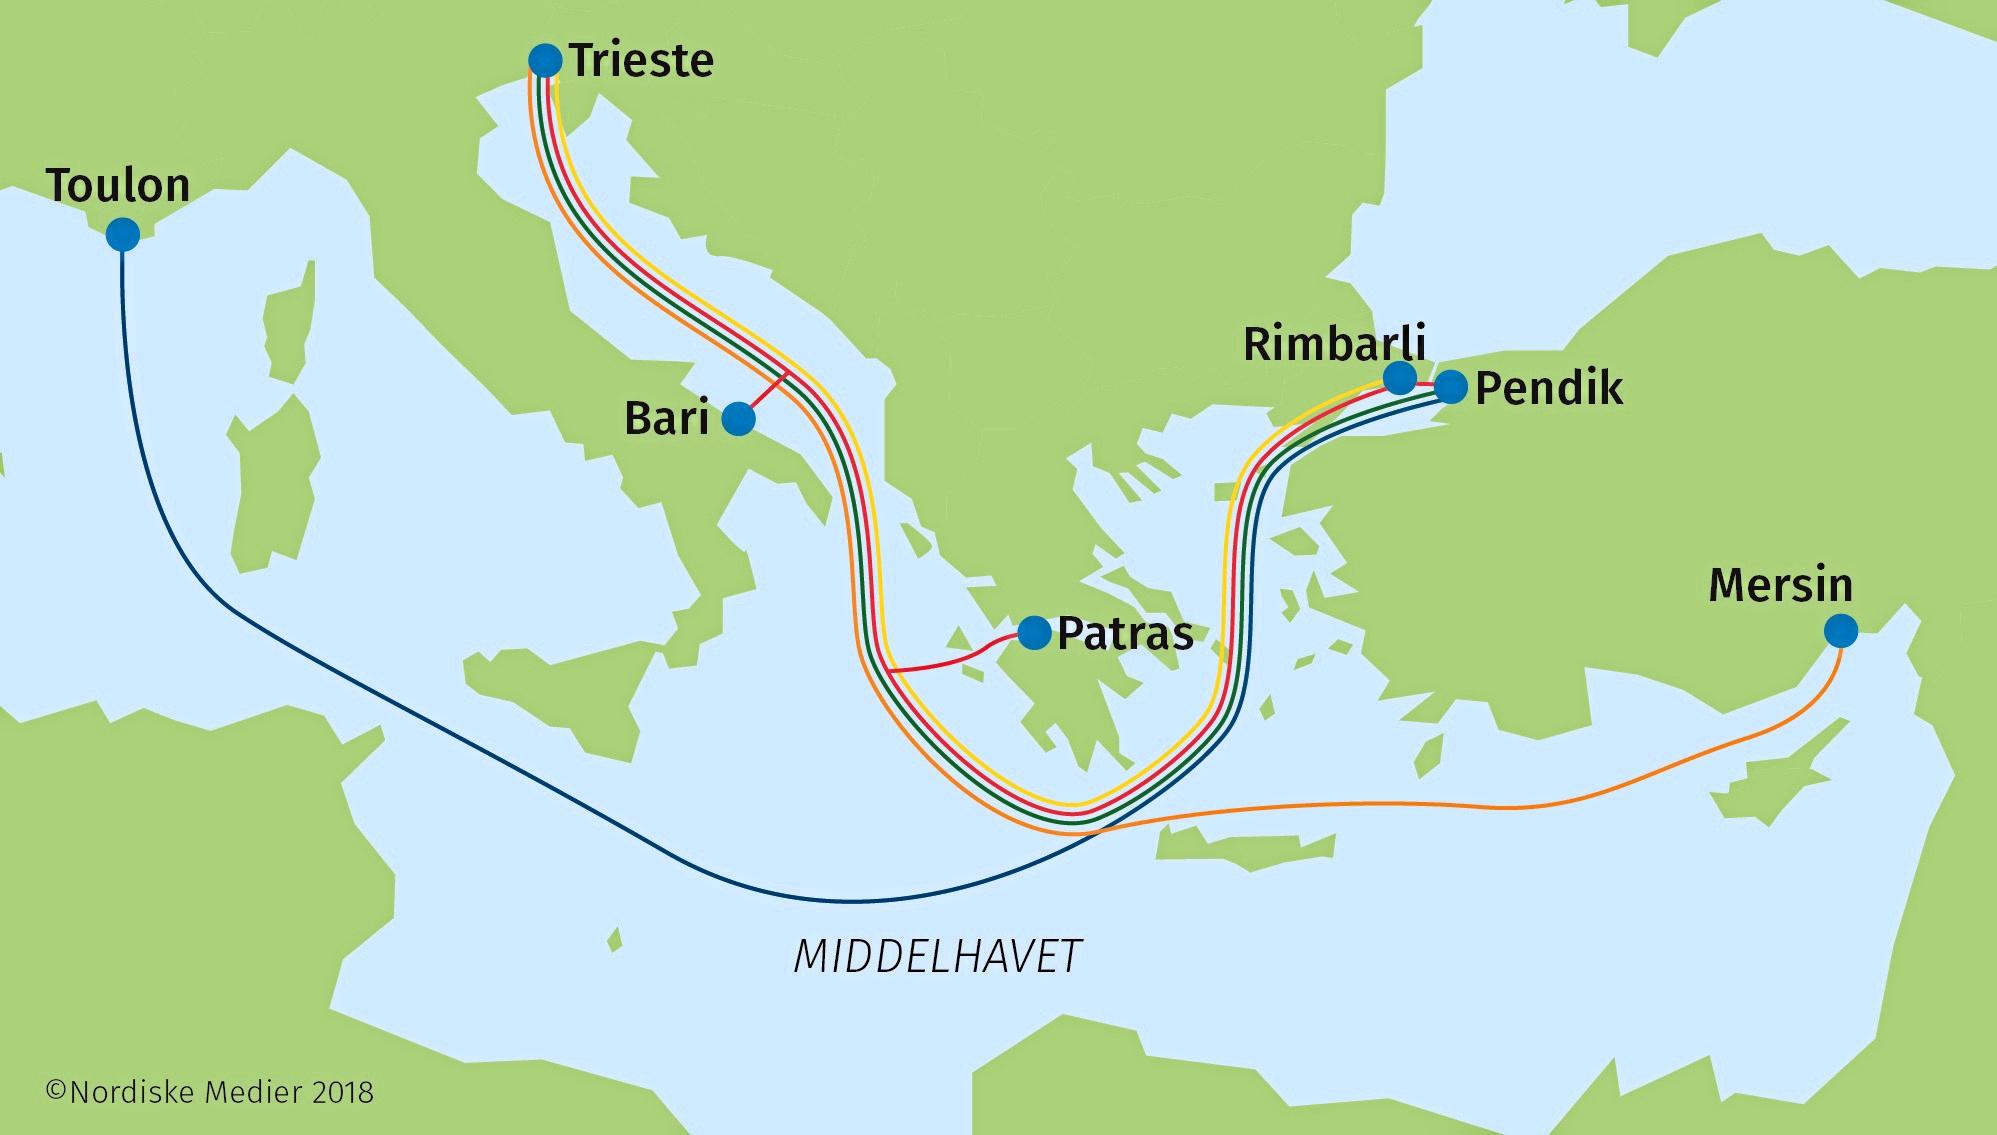 Stort Vaekstpotentiale For Dfds I Middelhavet Sofart